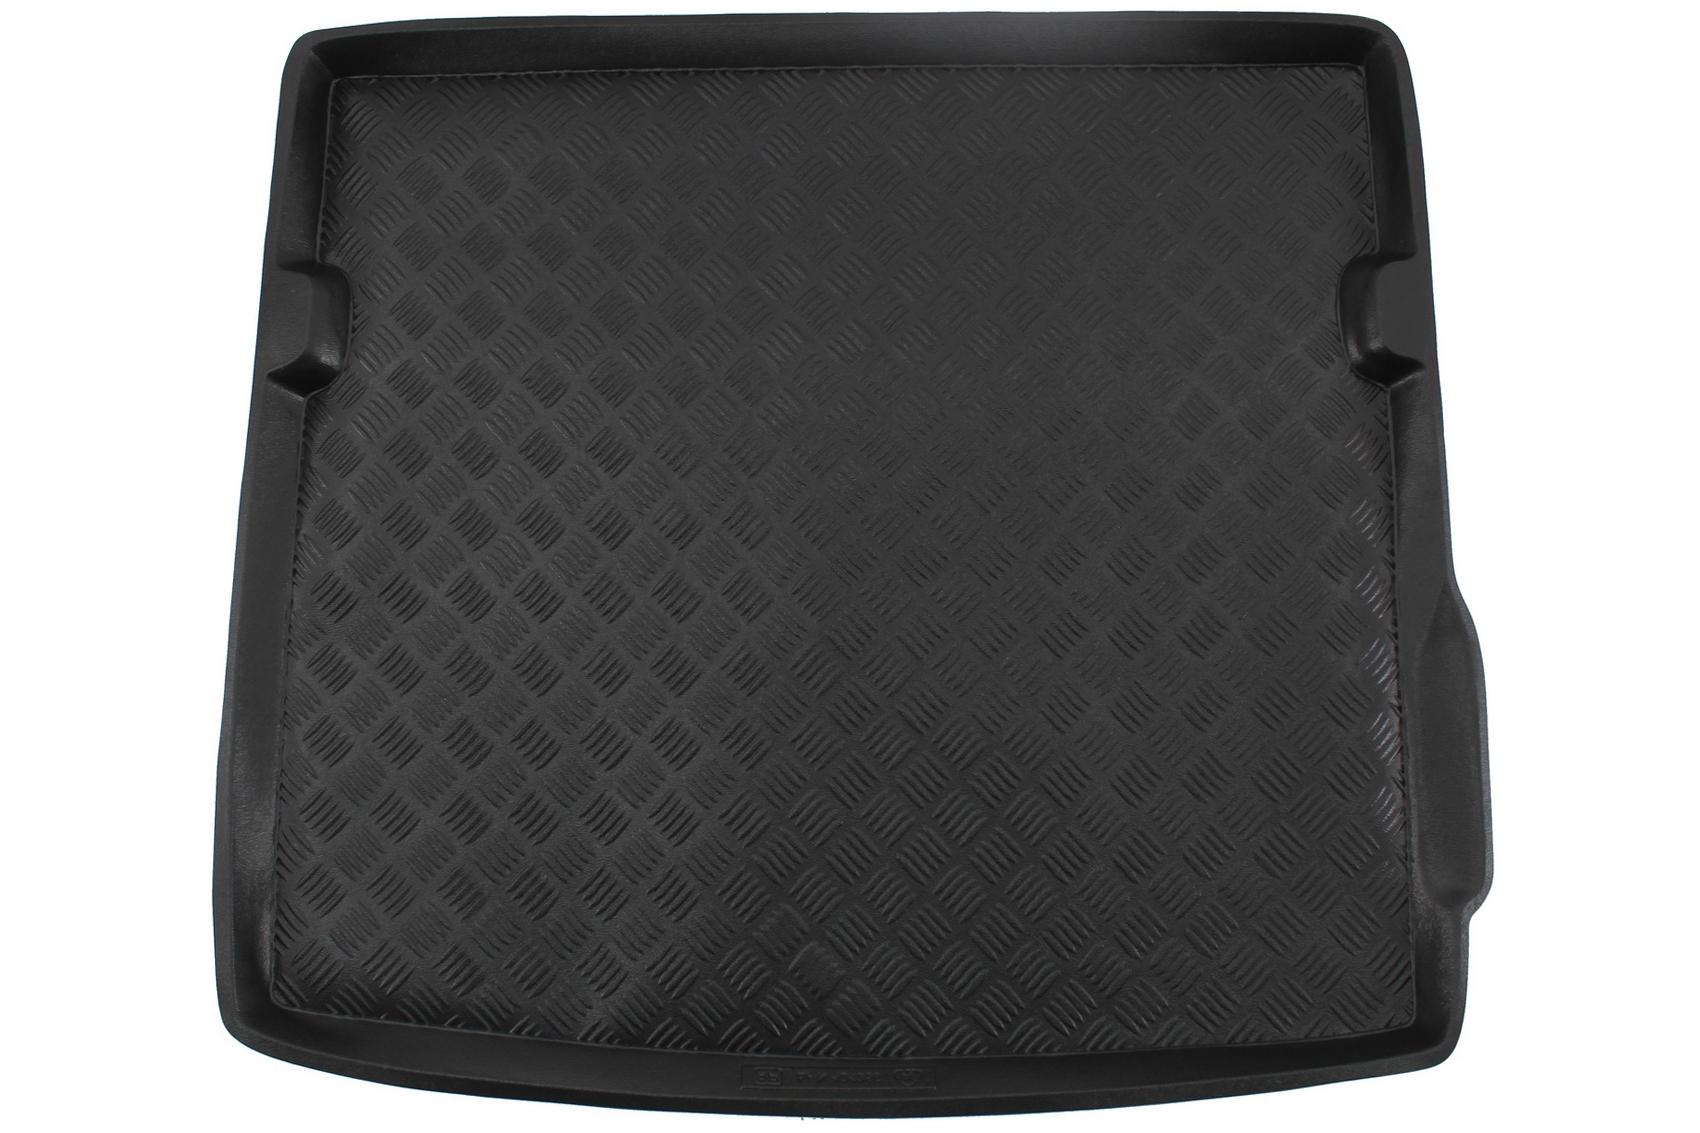 Covoras tavita portbagaj  compatibil cu DACIA DUSTER 4x4 II 2018 -